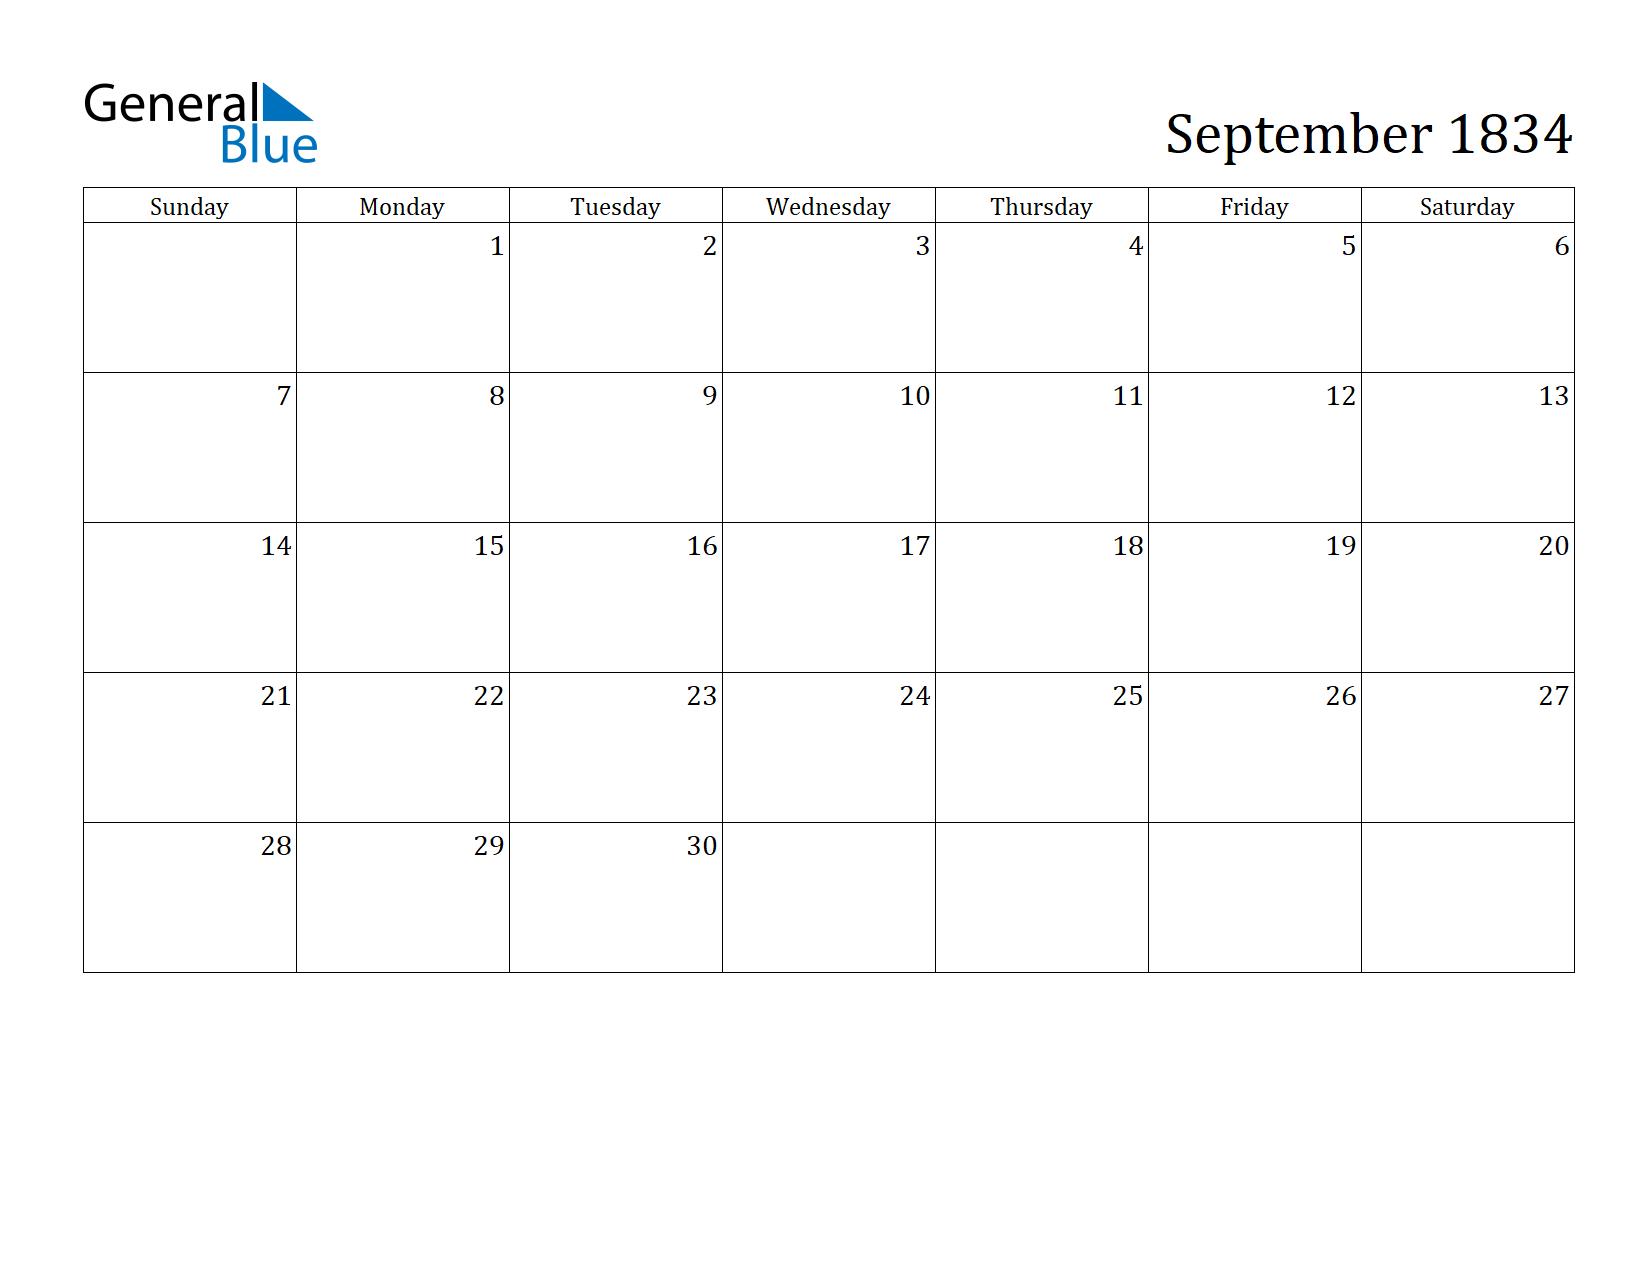 Image of September 1834 Calendar